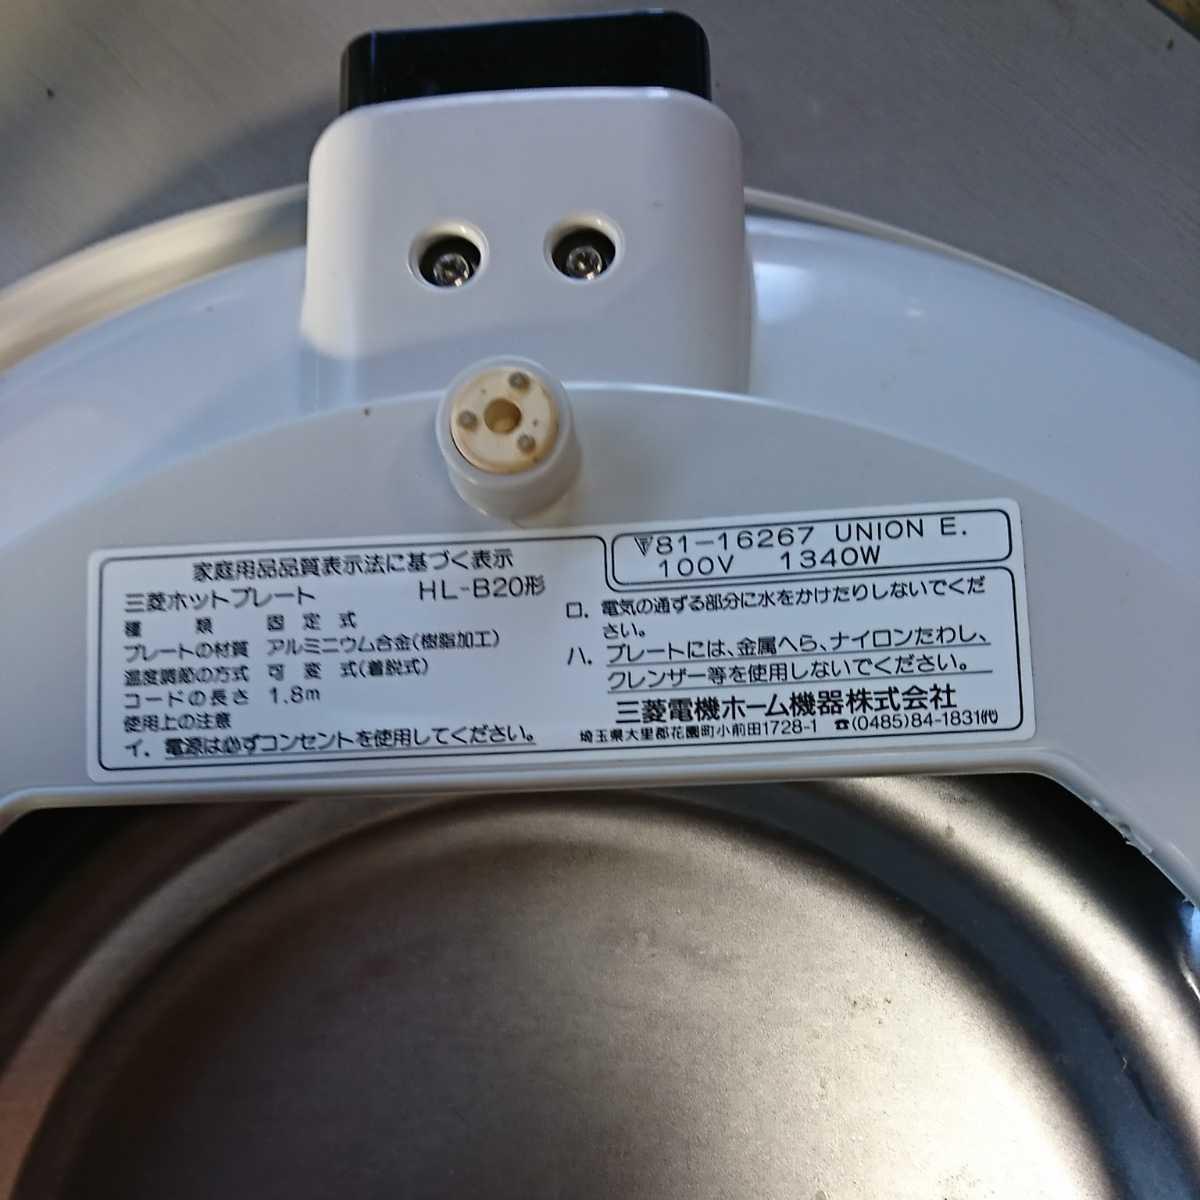 家電3】MITSUBISHI 三菱 ホットプレート HL-B20 EG ユーログレー グレー 調理器具 【通電確認済】お好み焼き 焼肉 焼物 焼そば_画像5